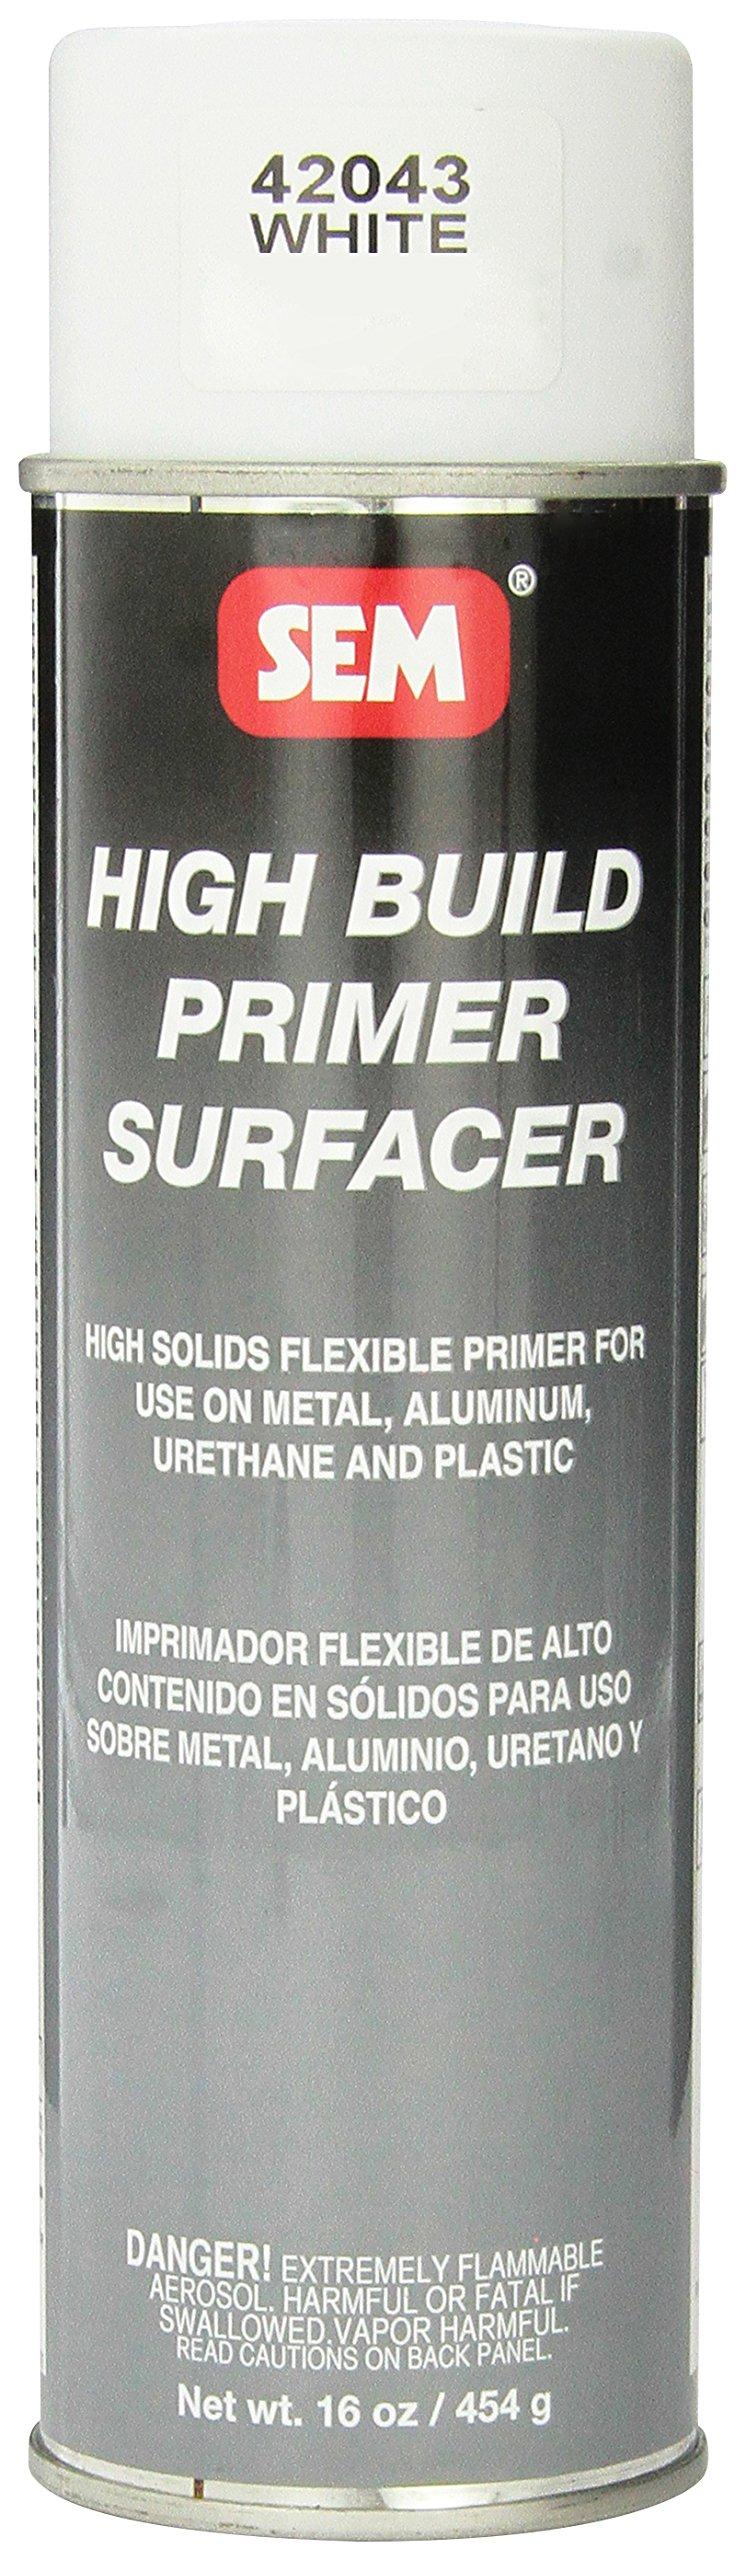 SEM 42043 White High Build Primer - 16 oz.